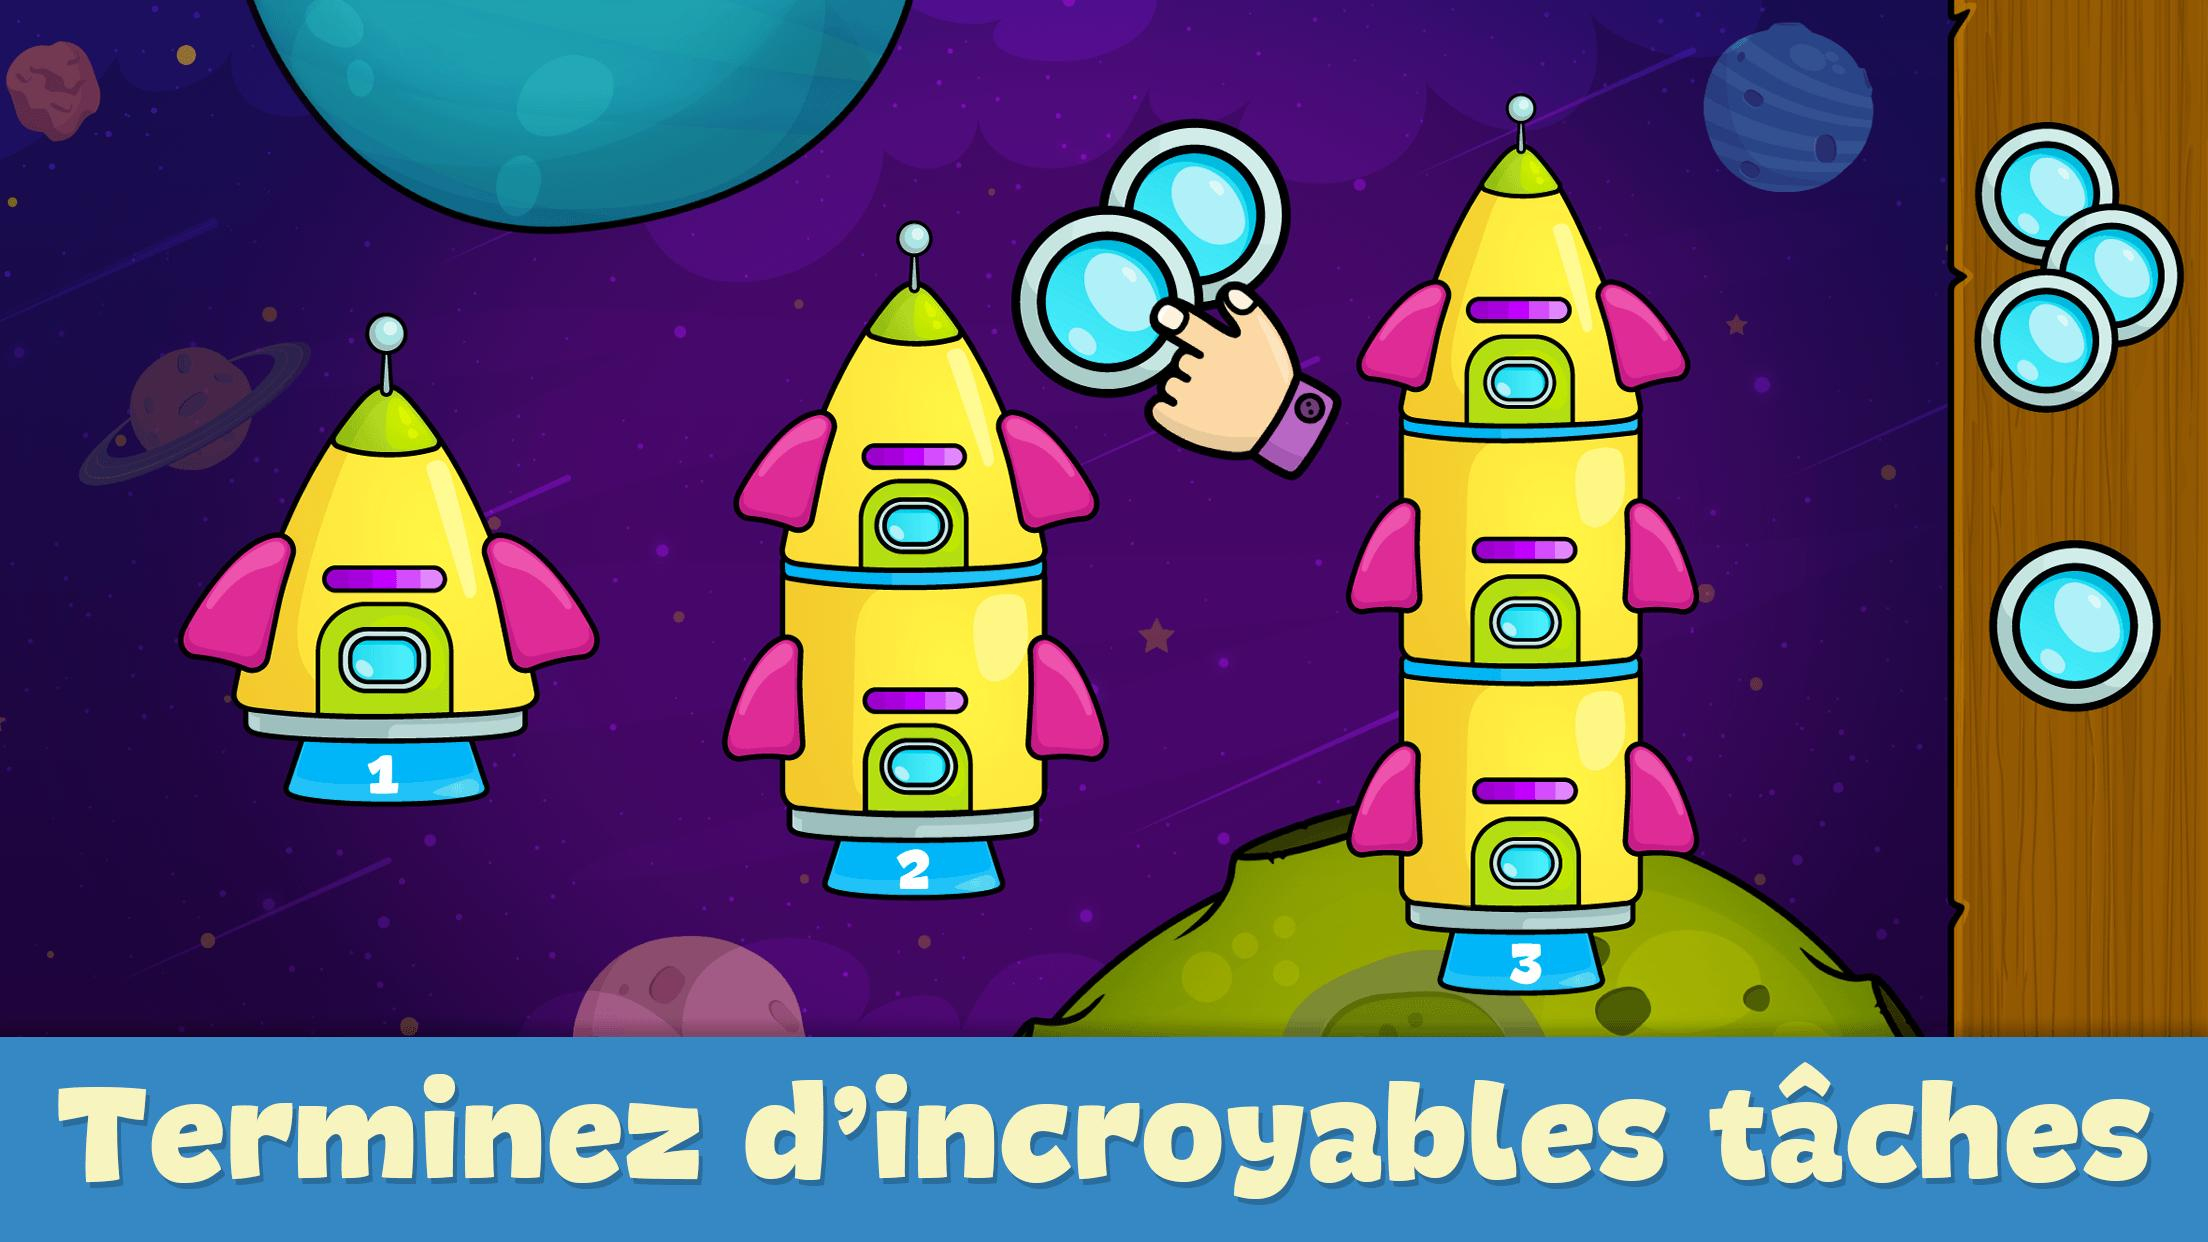 Jeux Pour Enfants 2 - 5 Ans Pour Android - Téléchargez L'apk dedans Jeux Gratuits Pour Enfants De 3 Ans